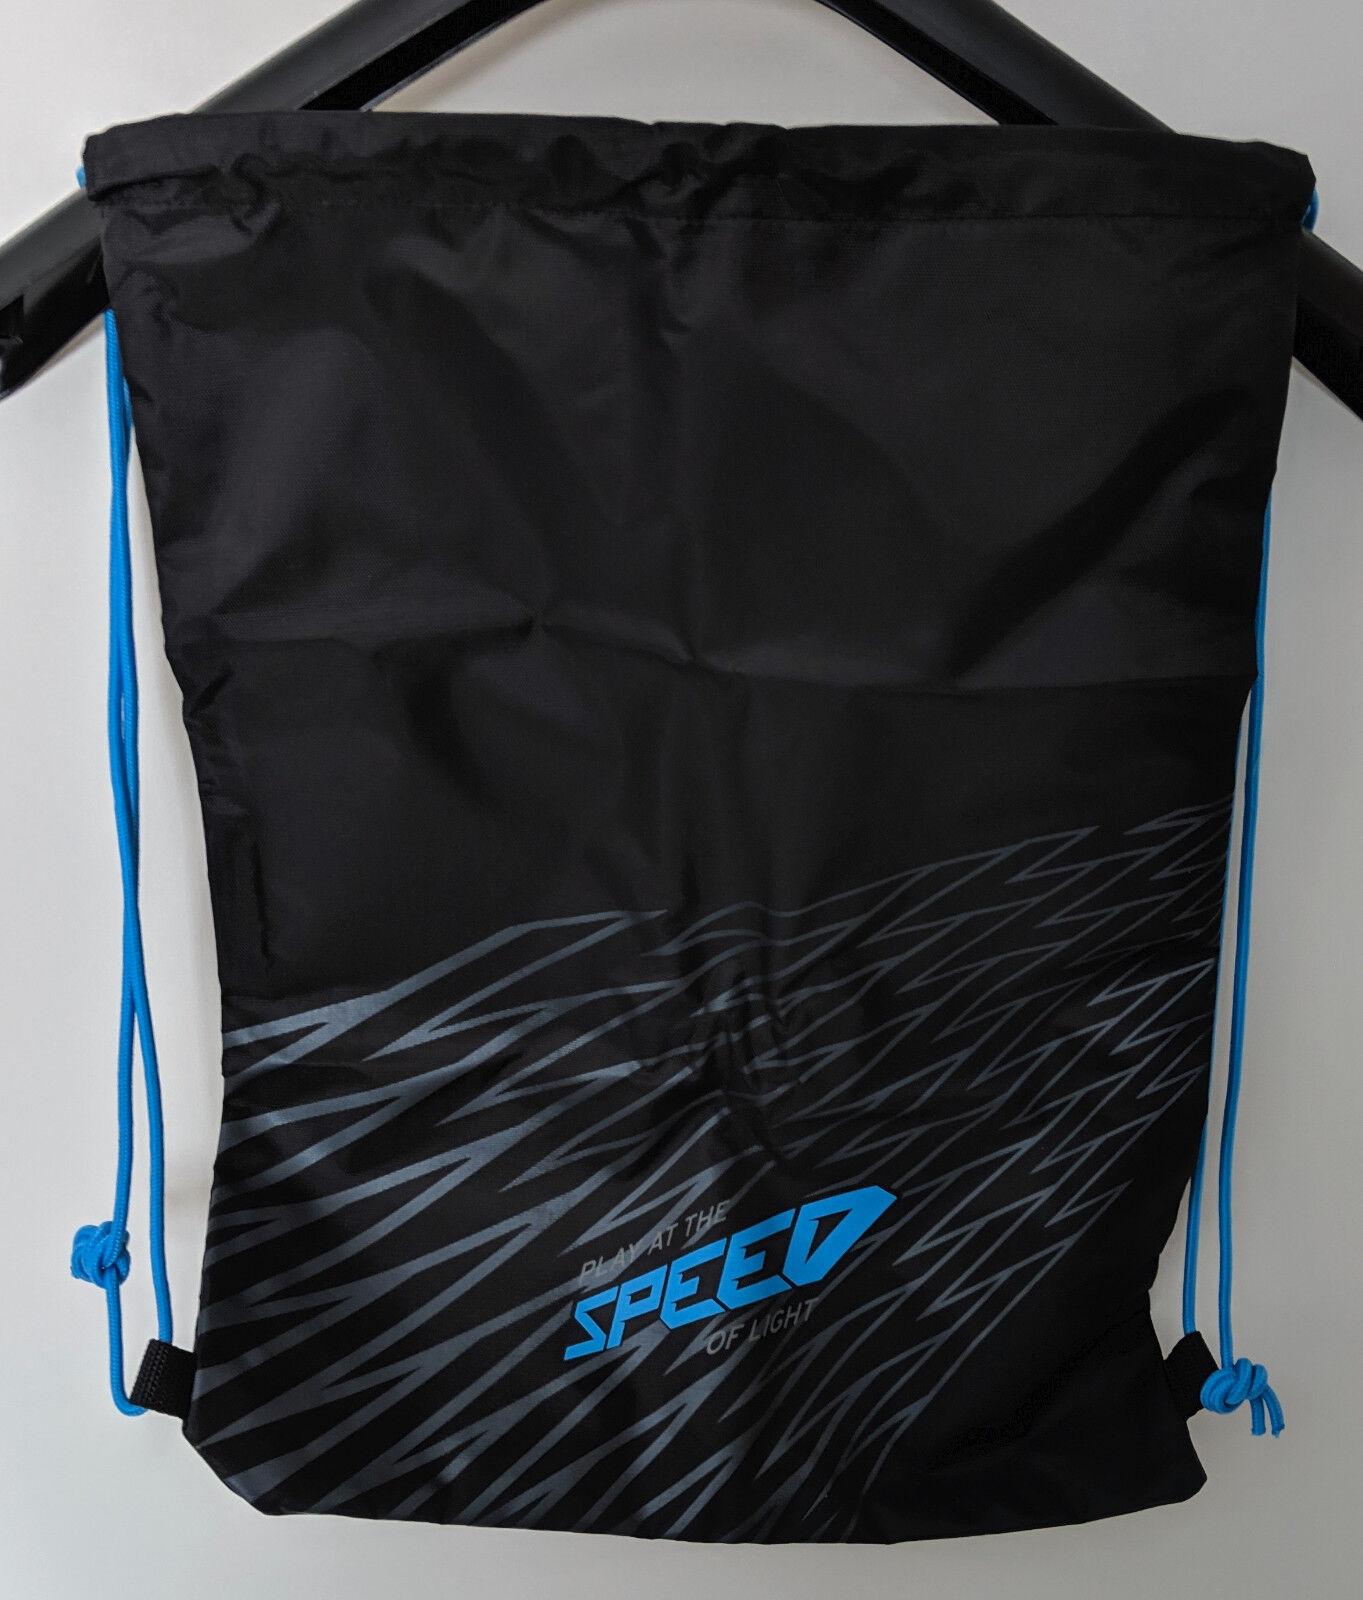 HEAD Speed Schuhbeutel - Schuhtasche für Tennisschuhe - schwarz/blau